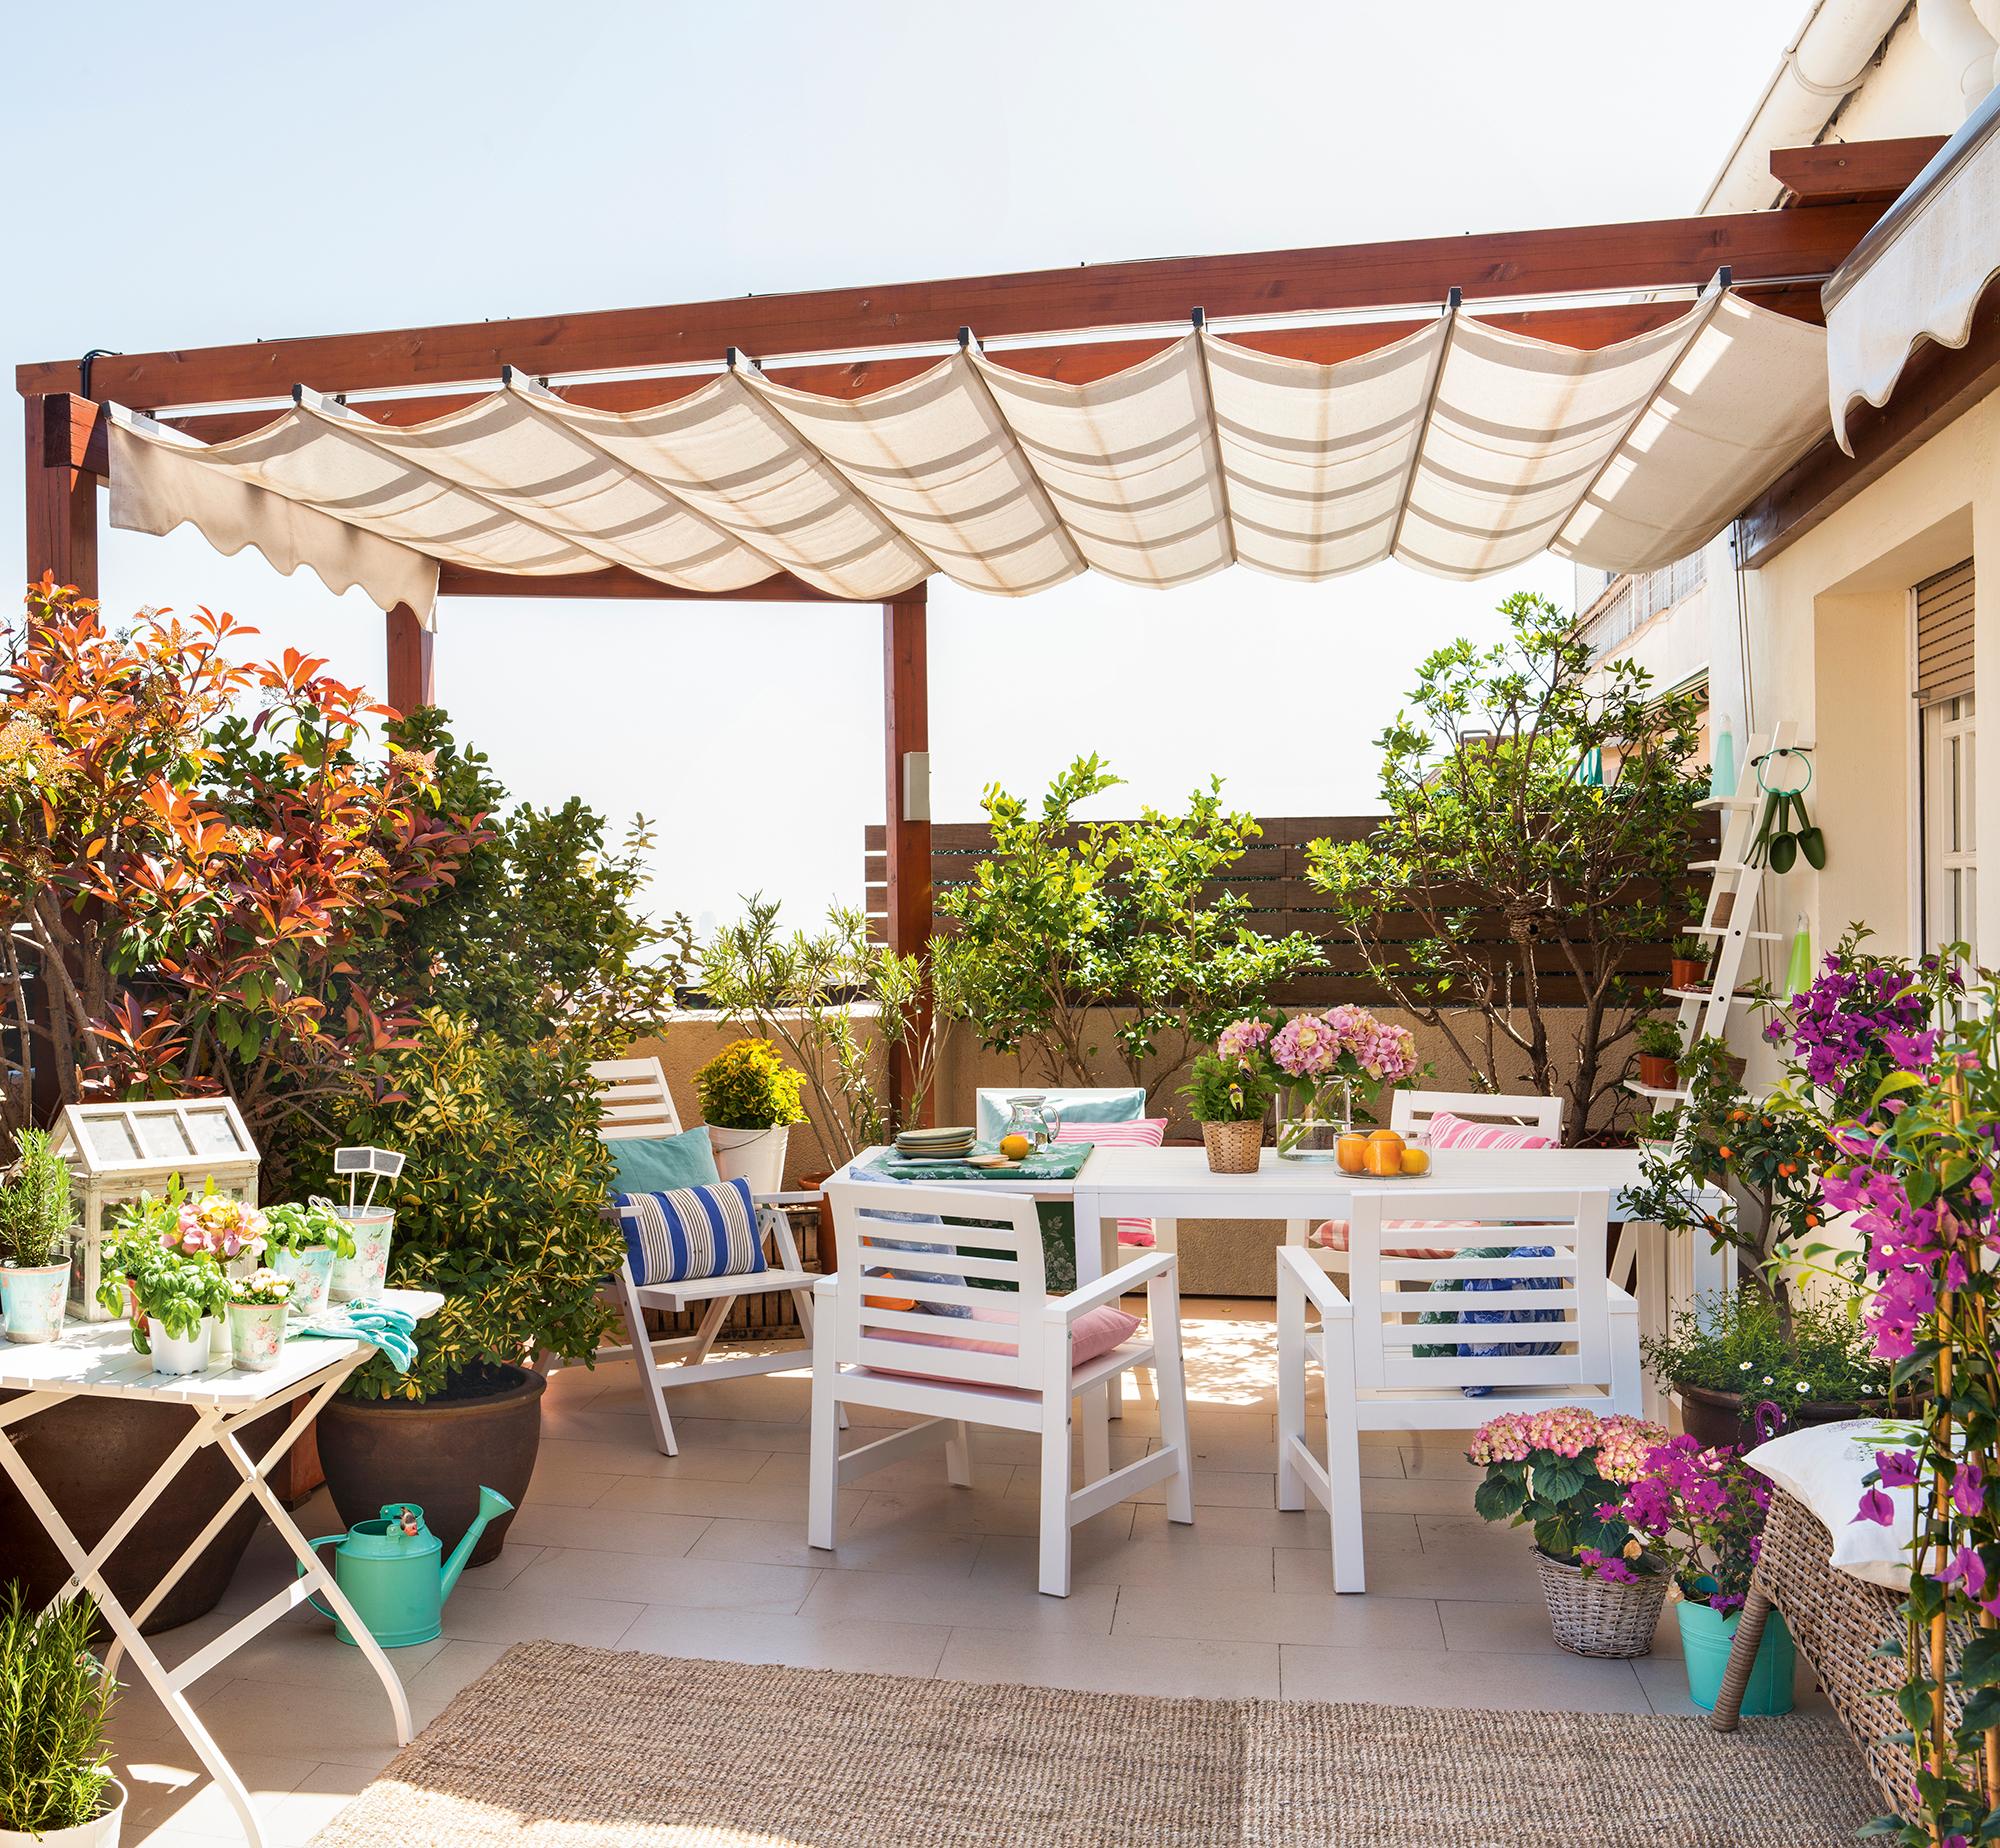 Las Mejores Fotos De Jardines En Pinterest: Pérgolas: Claves Para Elegirla